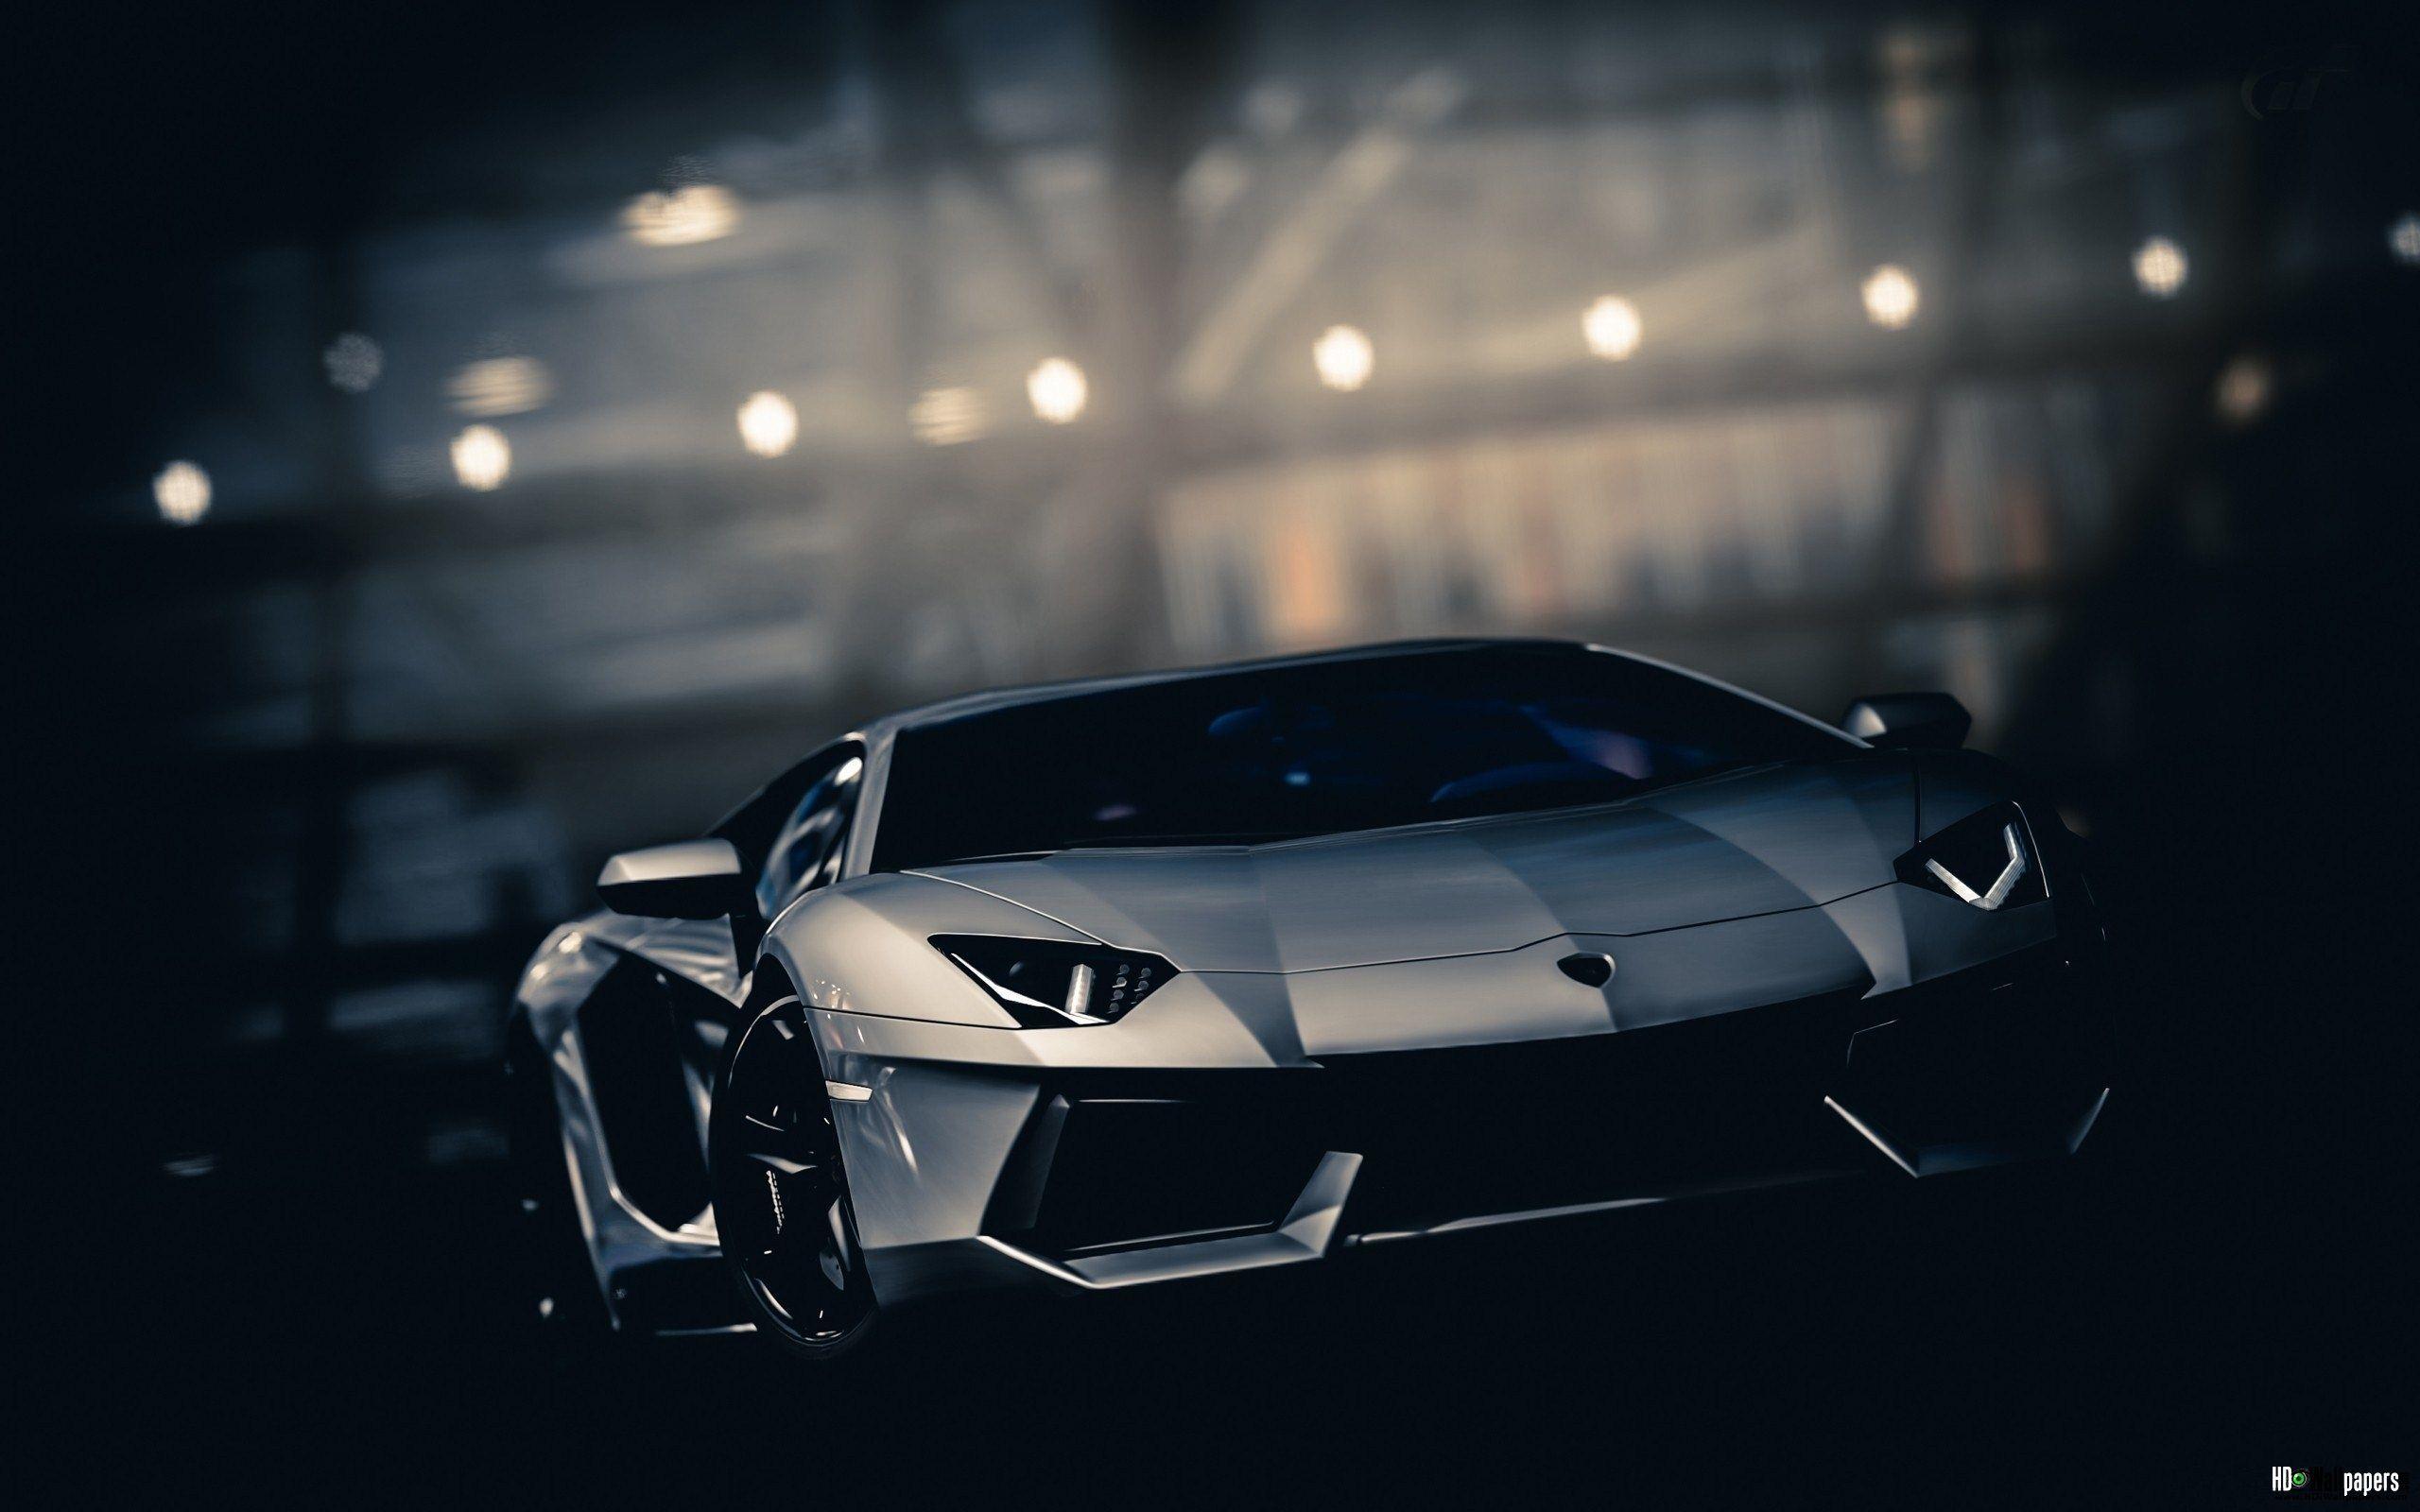 Desktop Wallpaper Hd 3d Full Screen 38 Images Lamborghini Aventador Wallpaper Sports Car Wallpaper Lamborghini Aventador